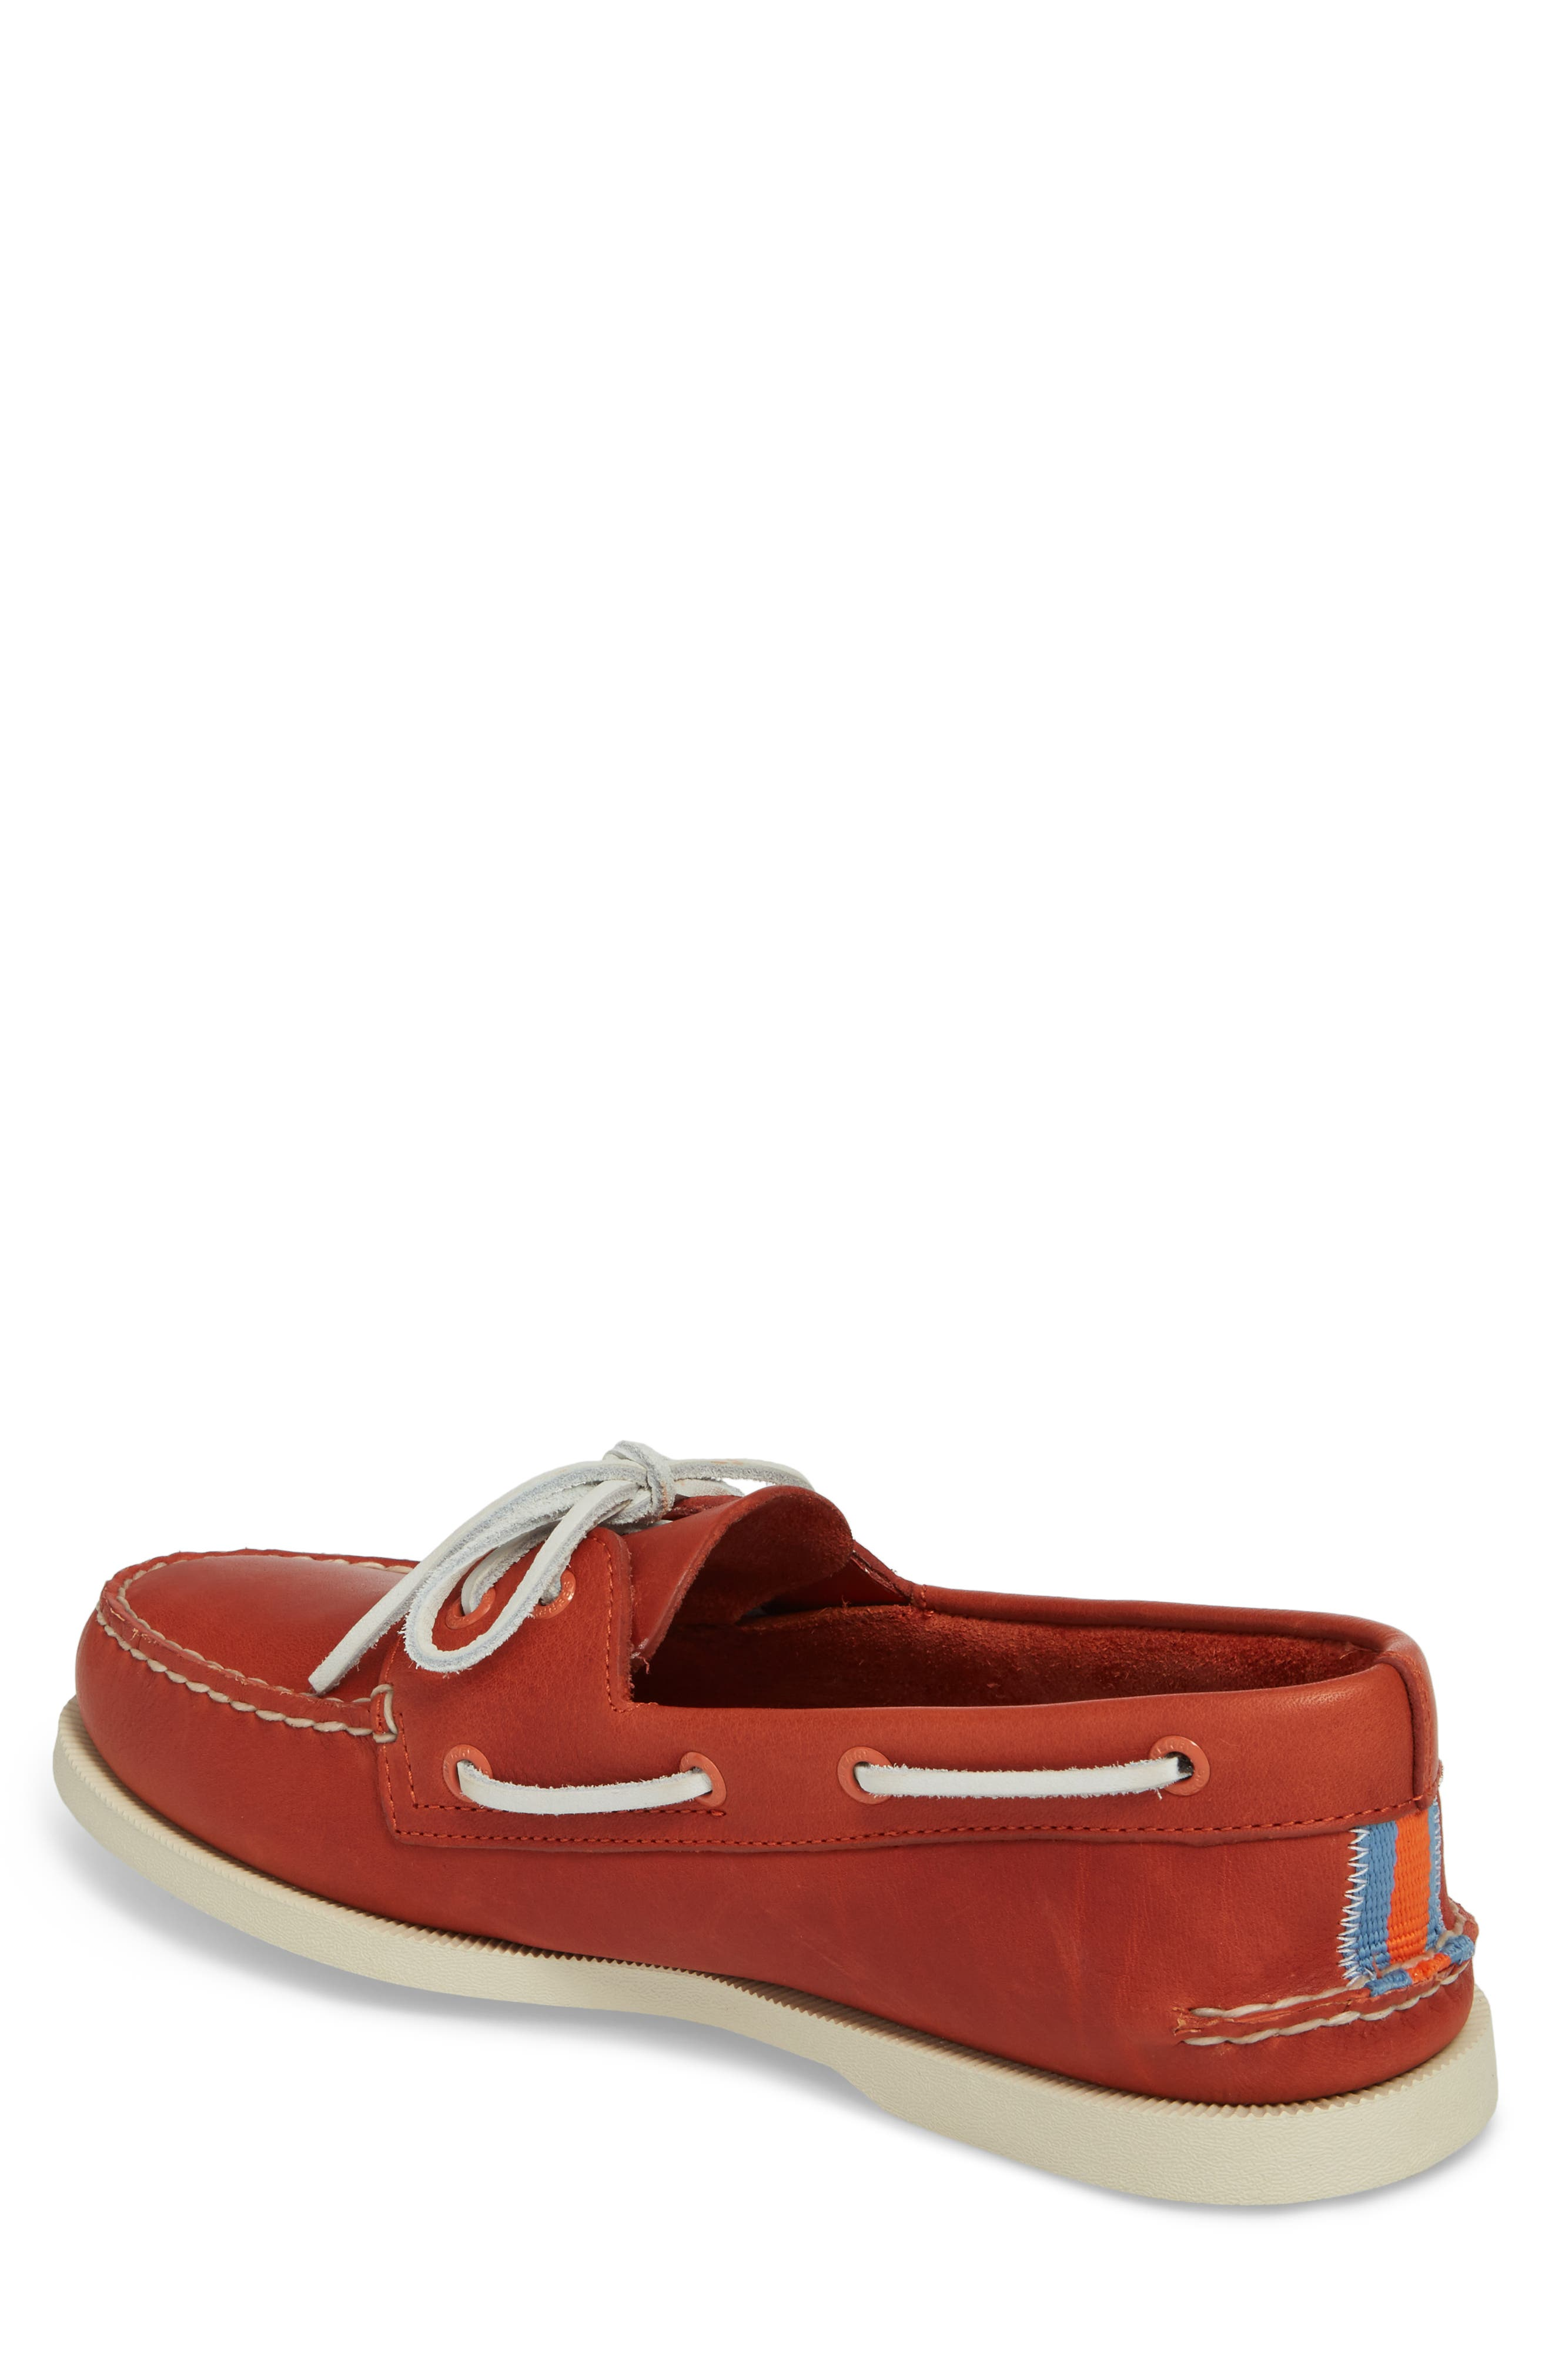 Alternate Image 2  - Sperry AO 2 Eye Daytona Boat Shoe (Men)